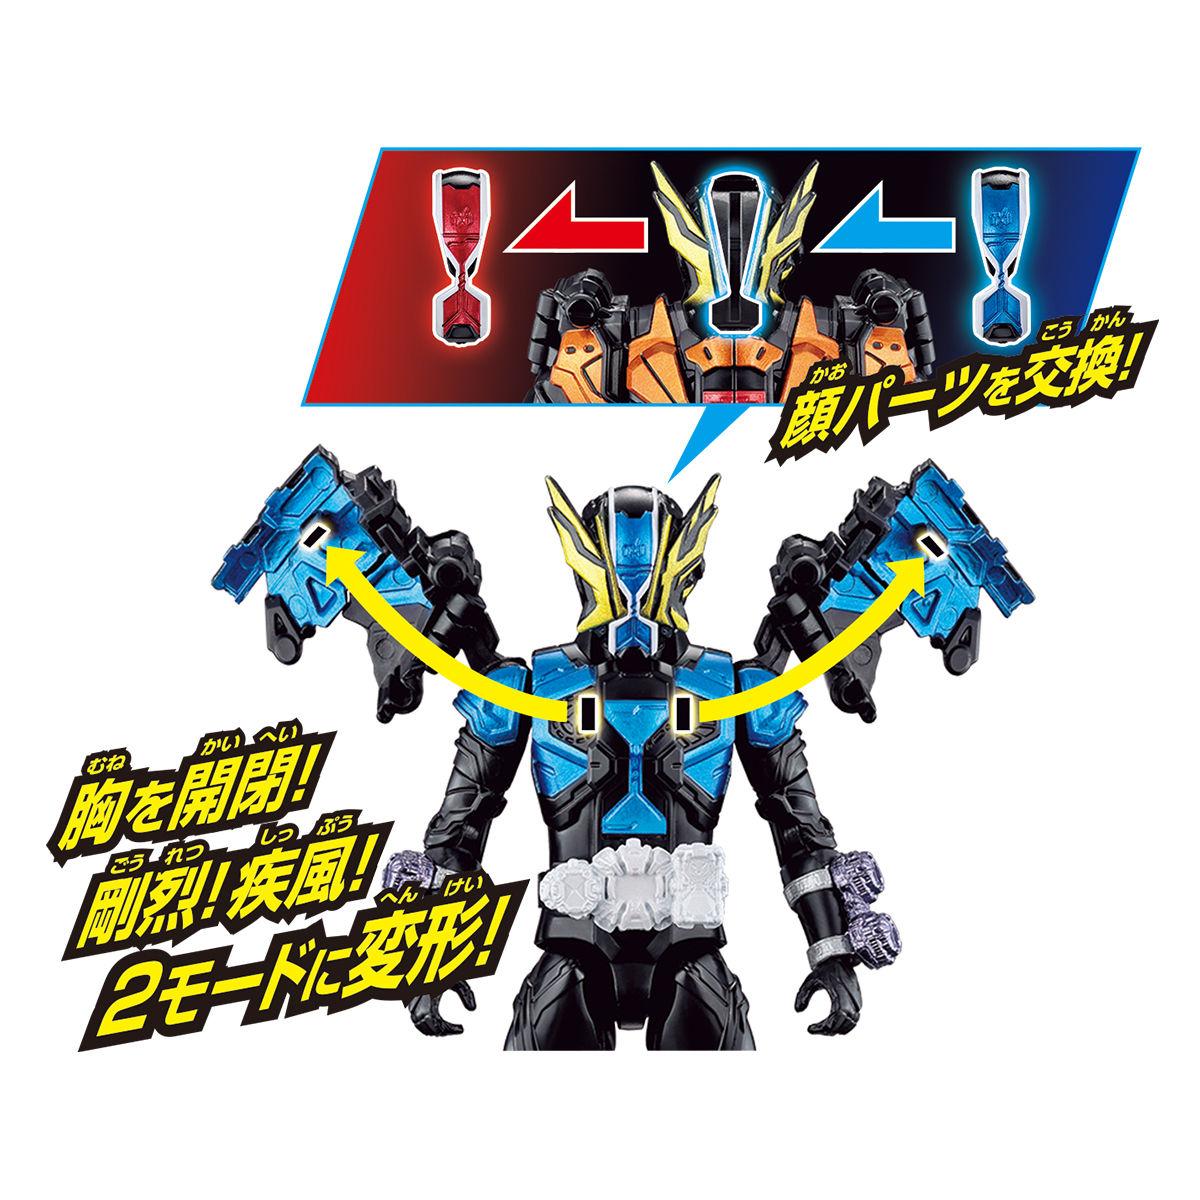 RKFライダーアーマーシリーズ『仮面ライダーゲイツリバイブ』可動フィギュア-007